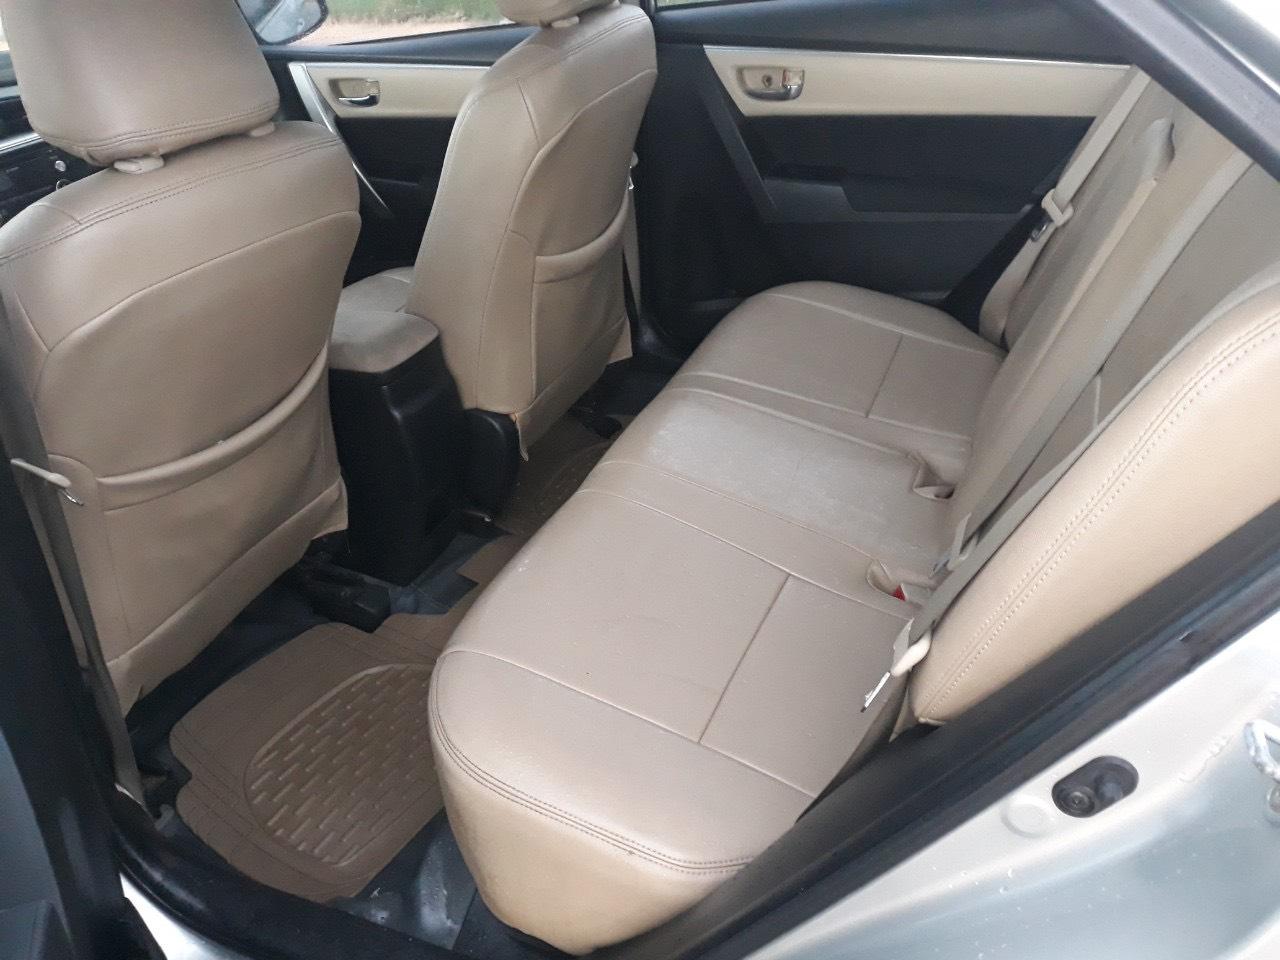 Bán Corolla Altis G 2014, màu bạc, đúng chất, giá TL, hổ trợ góp